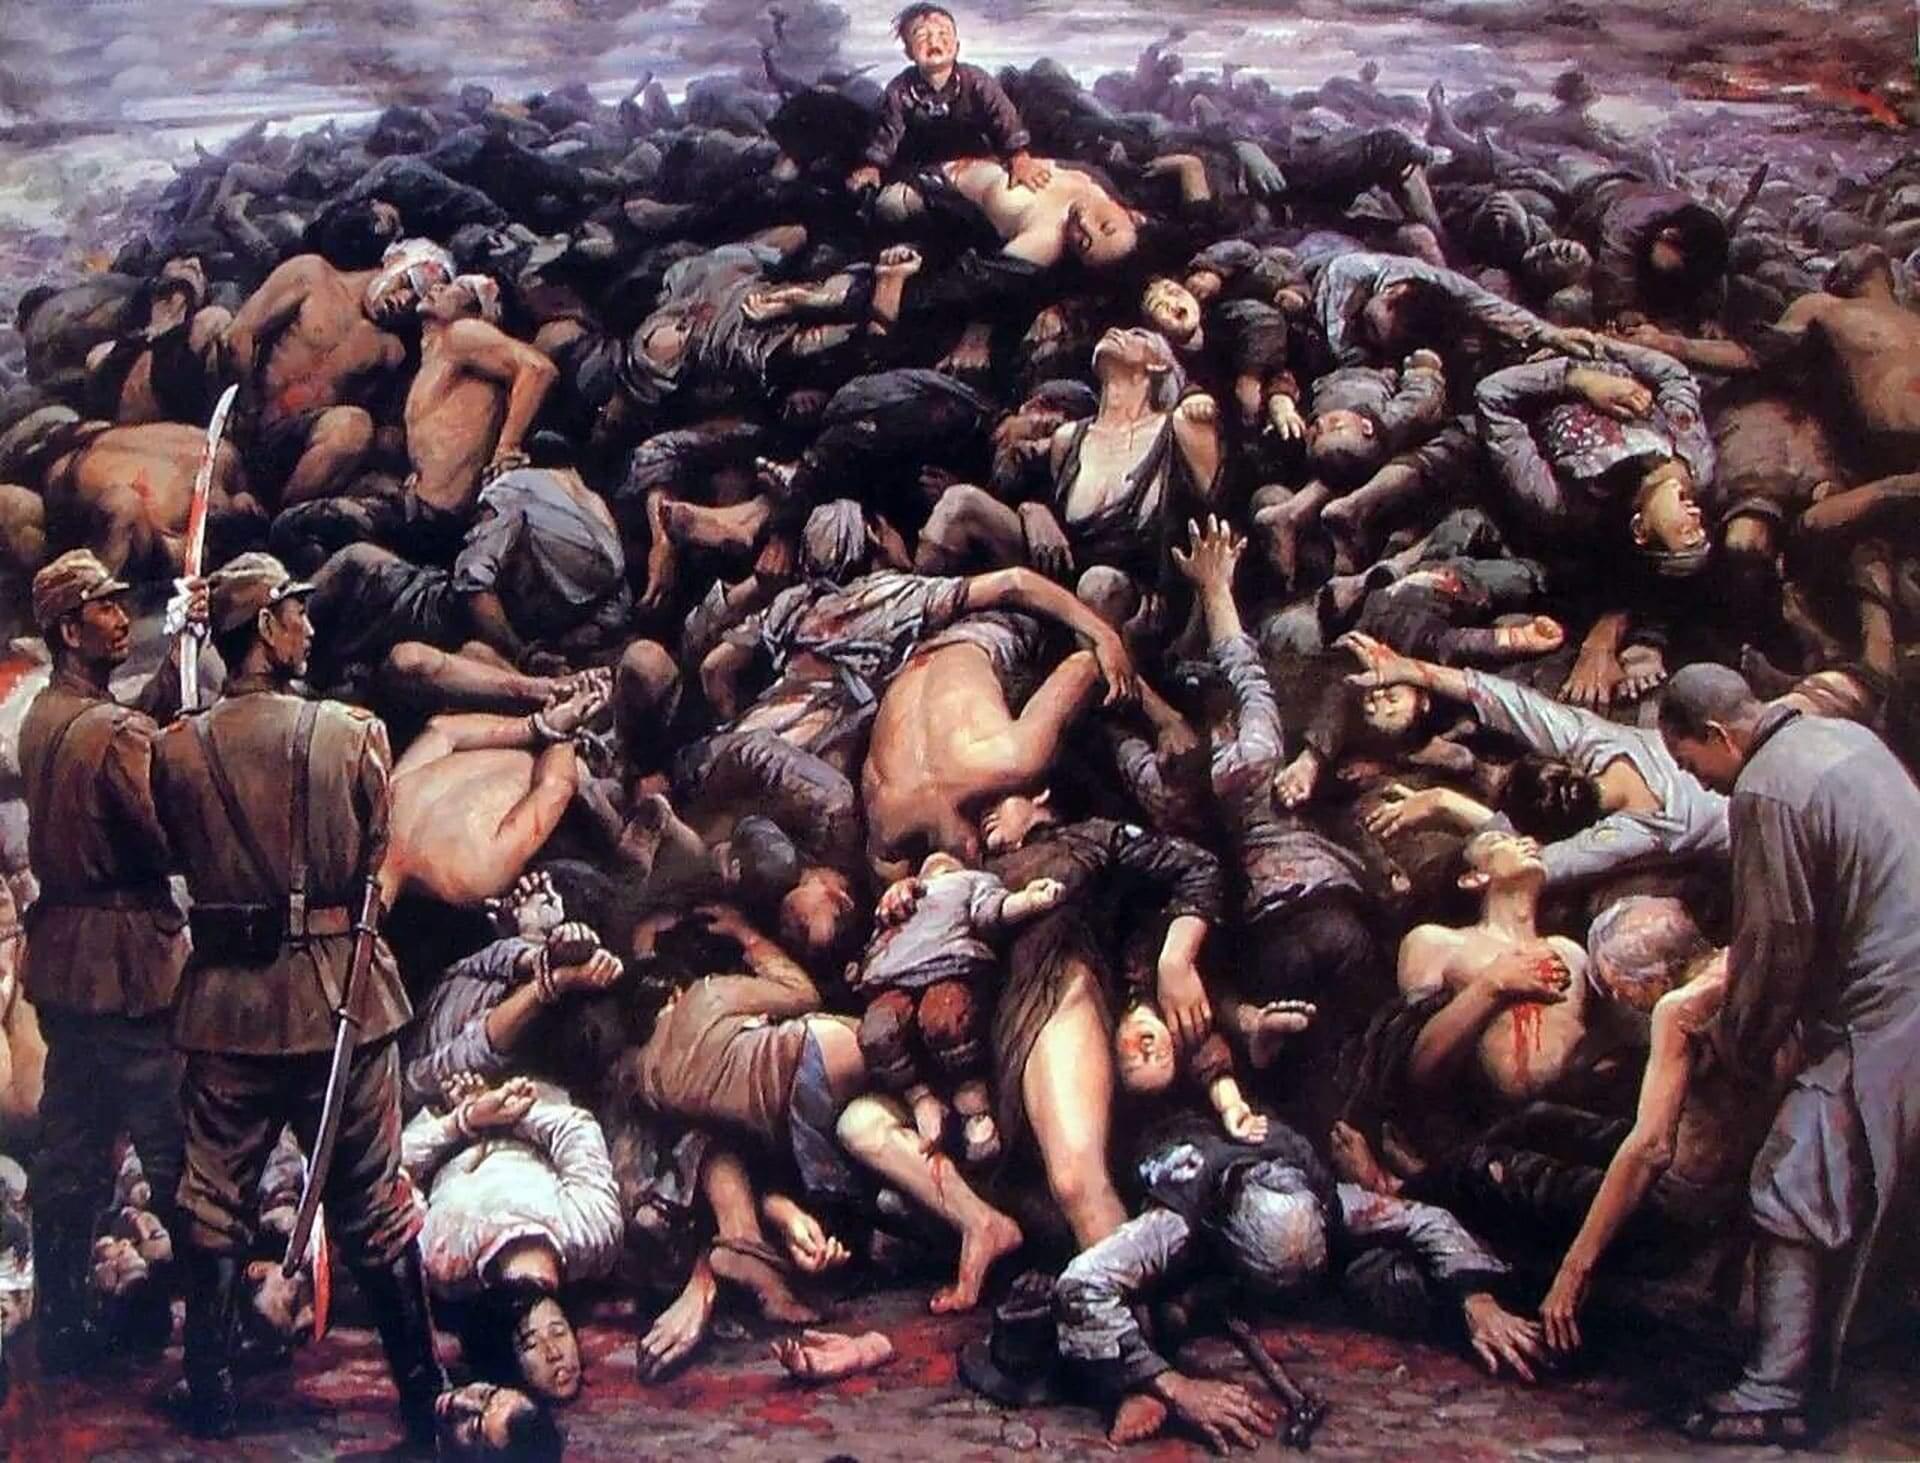 O Massacre de Nanquim: Os Crimes de Guerra no Conflito Sino-Japonês